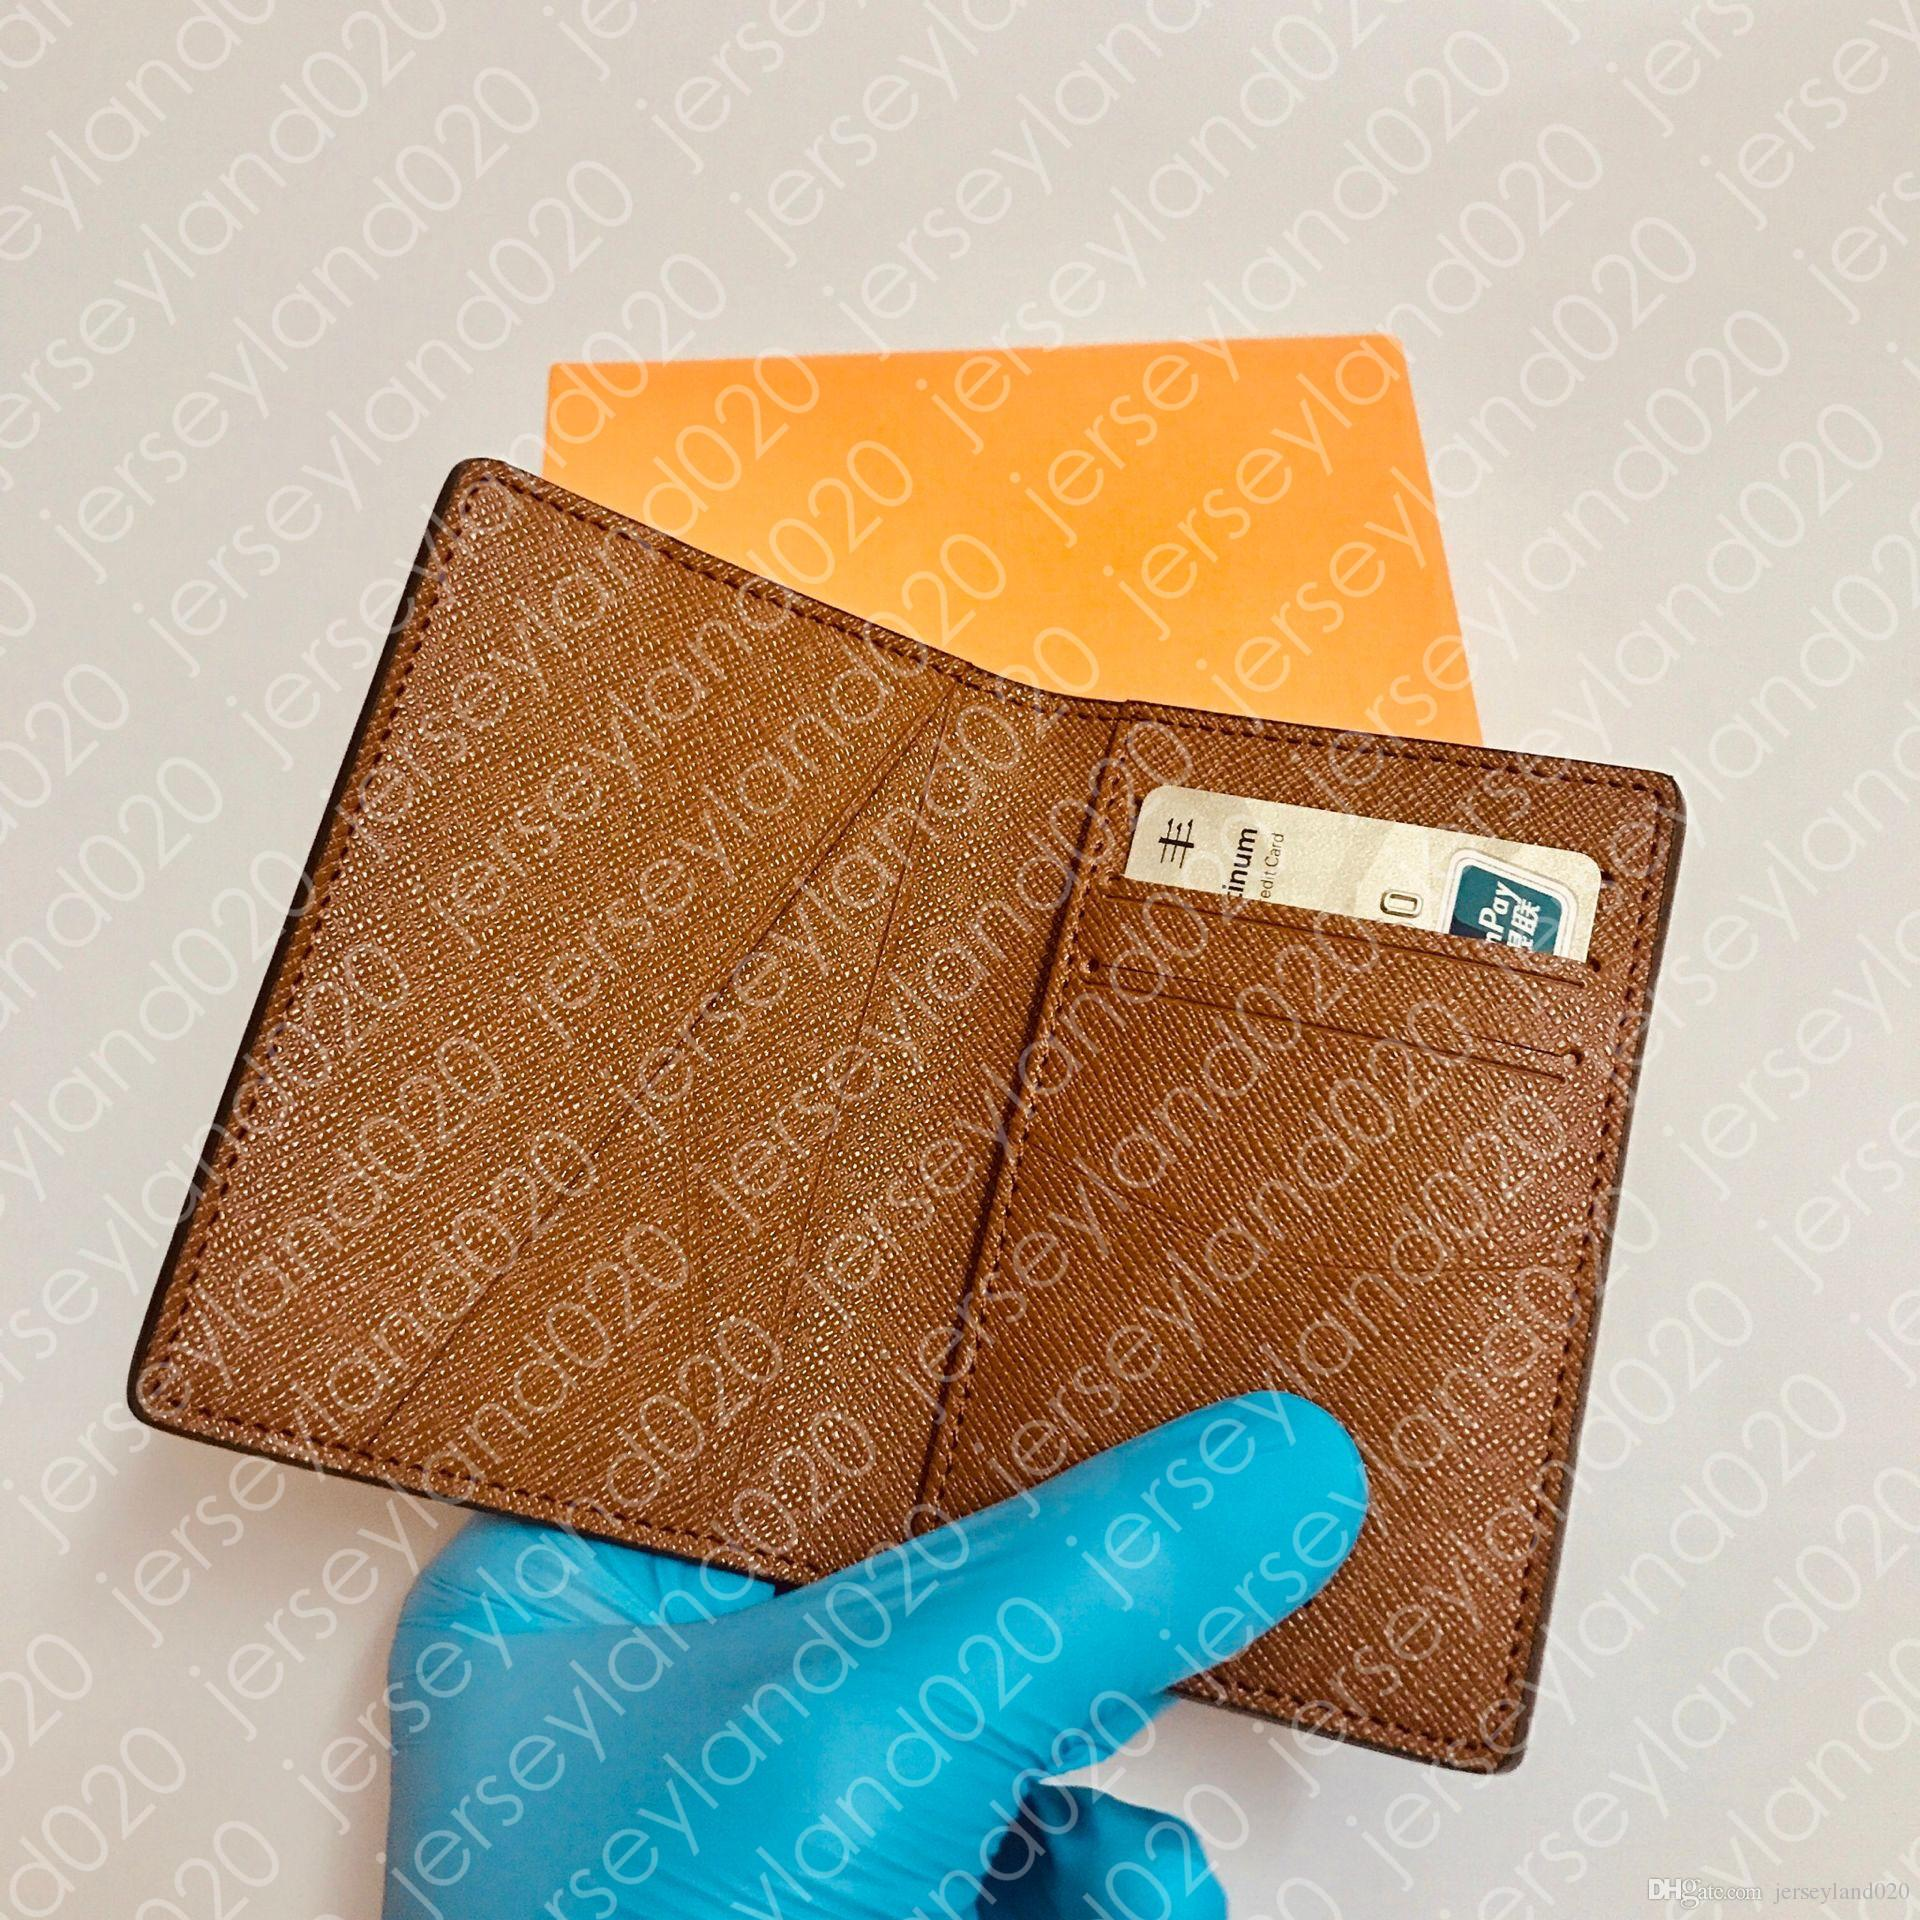 컴팩트 한 포켓 주최자 M60502 남성 디자이너 패션 짧은 럭셔리 여러 지갑 키 동전 카드 홀더 다미에 그라 피트 캔버스 N63143